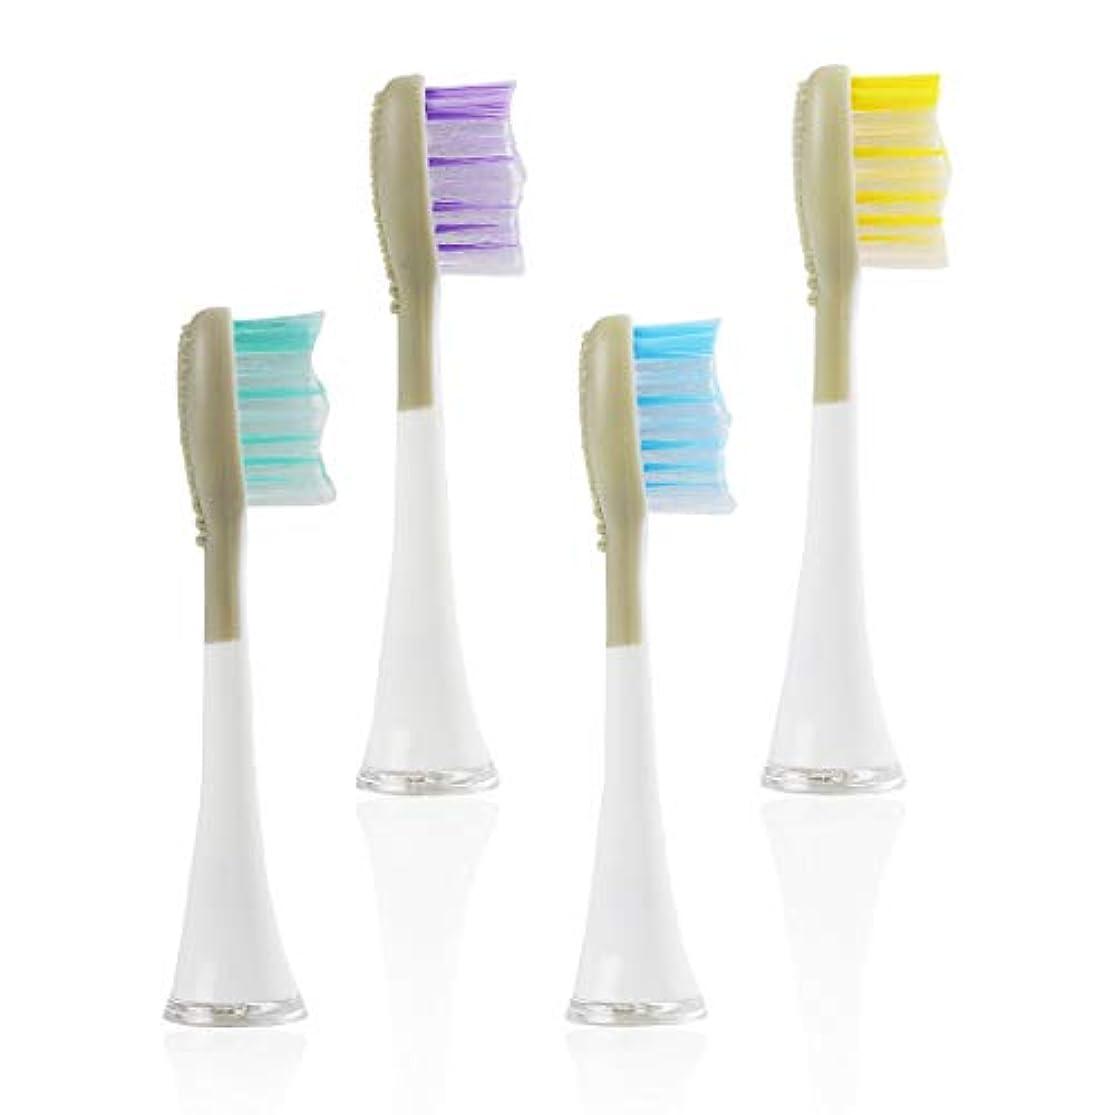 水を飲む部屋を掃除するバケツQurra 音波式電動歯ブラシ 替えブラシ 4本セット 舌ブラシ付き ワイヤレス充電 IPX7防水 3モード搭載 歯垢除去 ホワイトニング - 替えブラシ4本